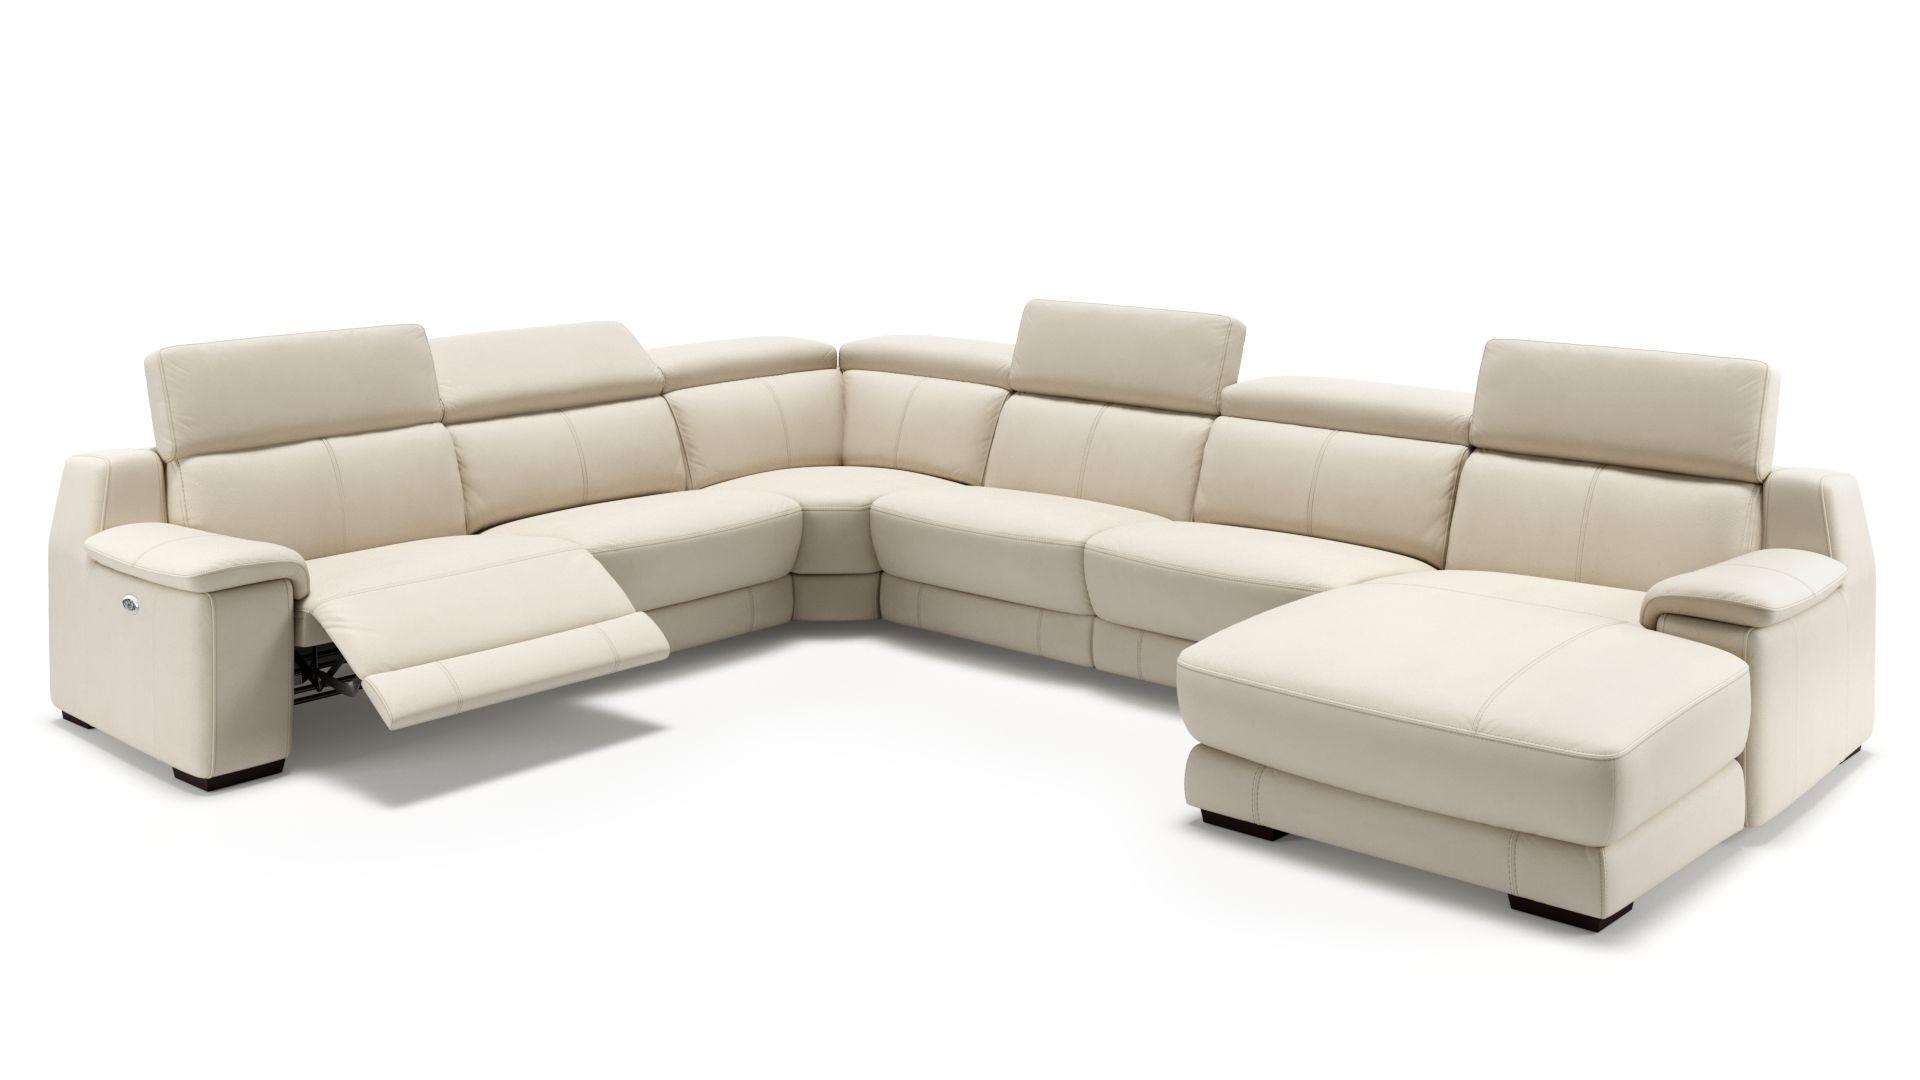 Full Size of Couch Mit Relaxfunktion Elektrisch Verstellbar 3 Sitzer Sofa 3er Elektrischer Ecksofa Sitztiefenverstellung 2 Test Leder Elektrische Modernes In U Form Sofa Sofa Mit Relaxfunktion Elektrisch